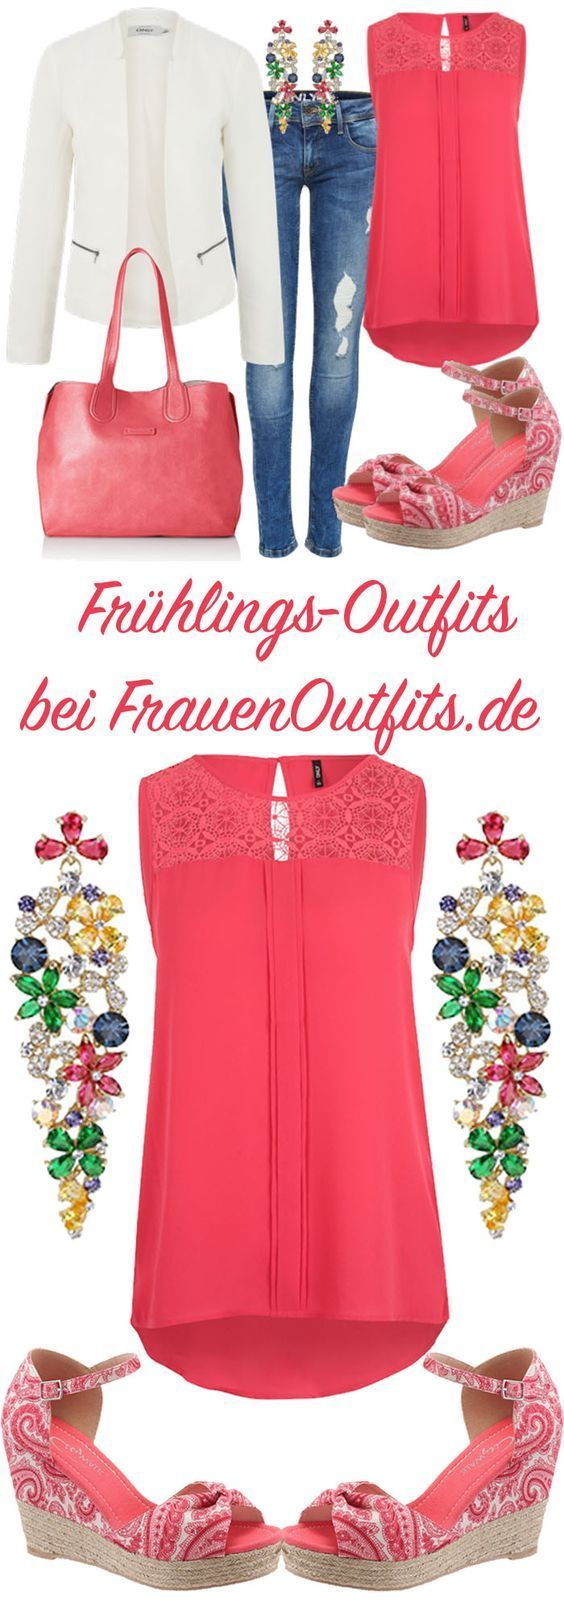 Eine farbenfrohe Outfitkombination für den Frühl…